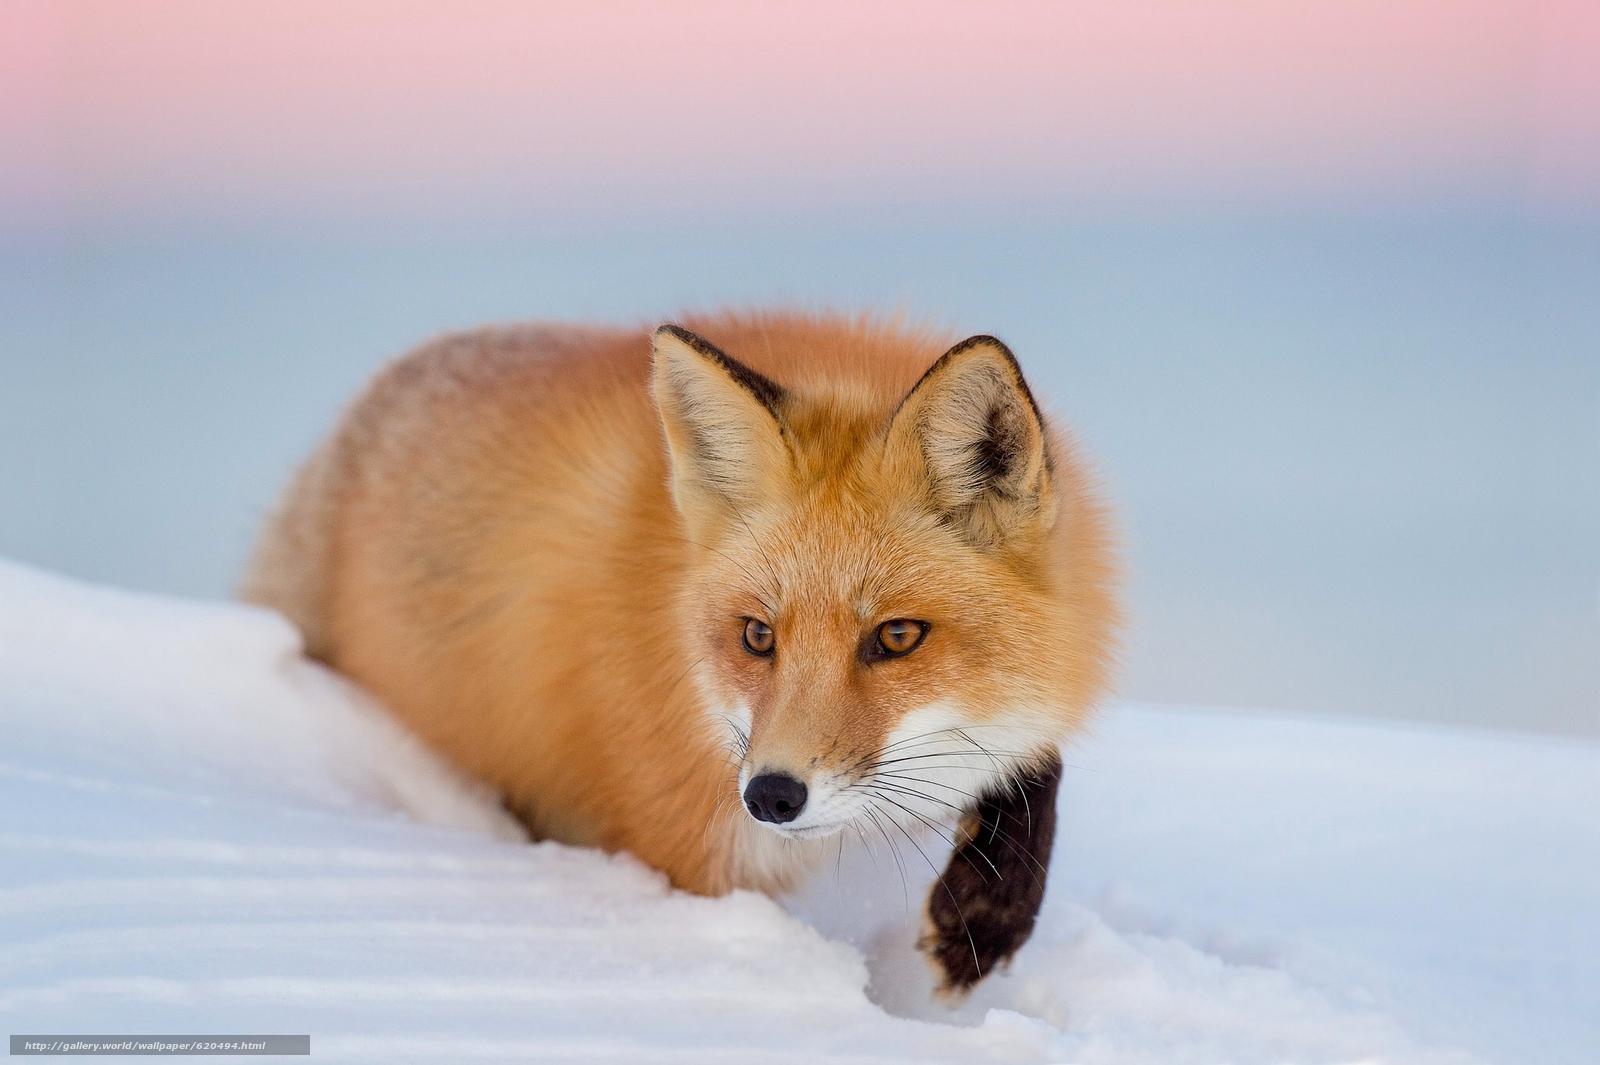 Tlcharger fond d 39 ecran fox roux neige hiver fonds d for Fond ecran hiver animaux